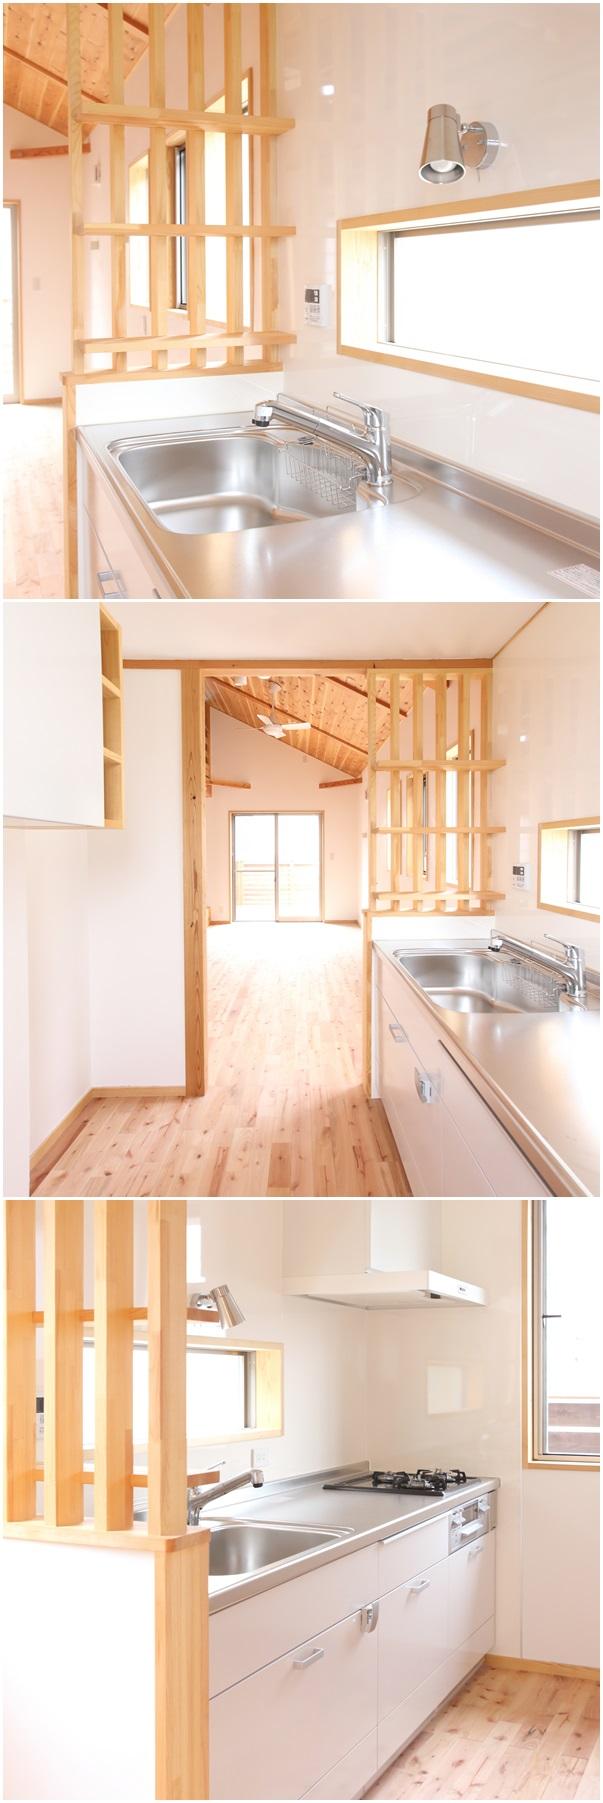 稲城市の家☆竣工写真が届きました_c0152341_01223100.jpg